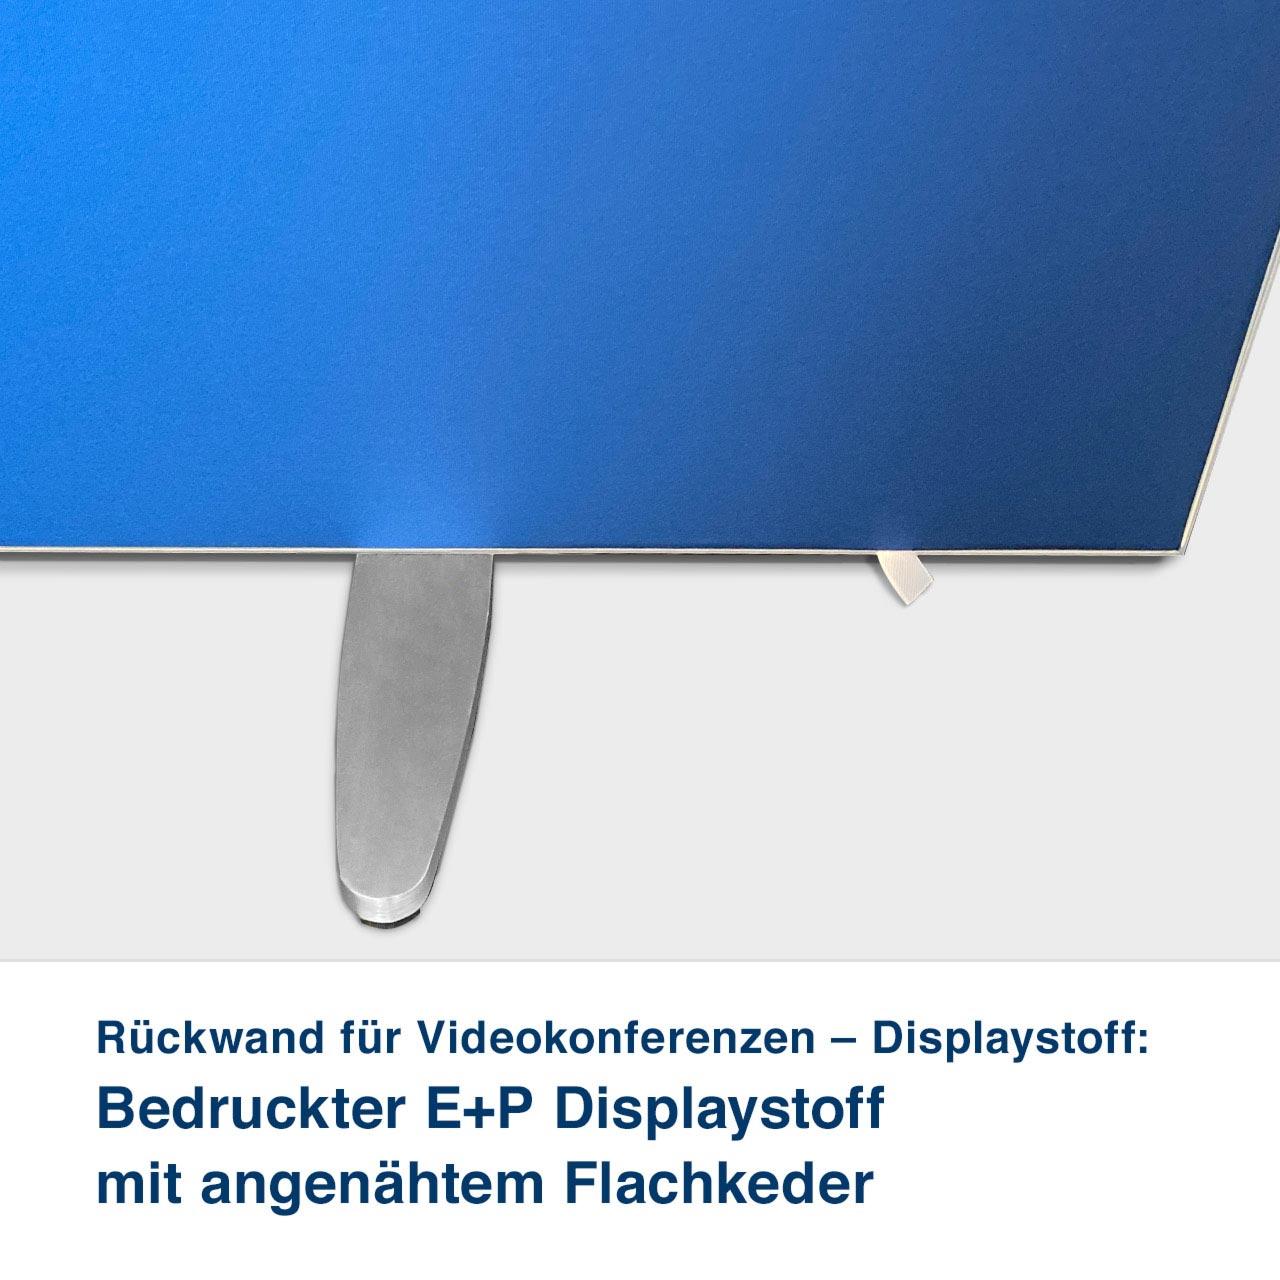 Rückwand für Videokonferenzen – Displaystoff:   Bedruckter E+P Displaystoff mit angenähtem Flachkeder